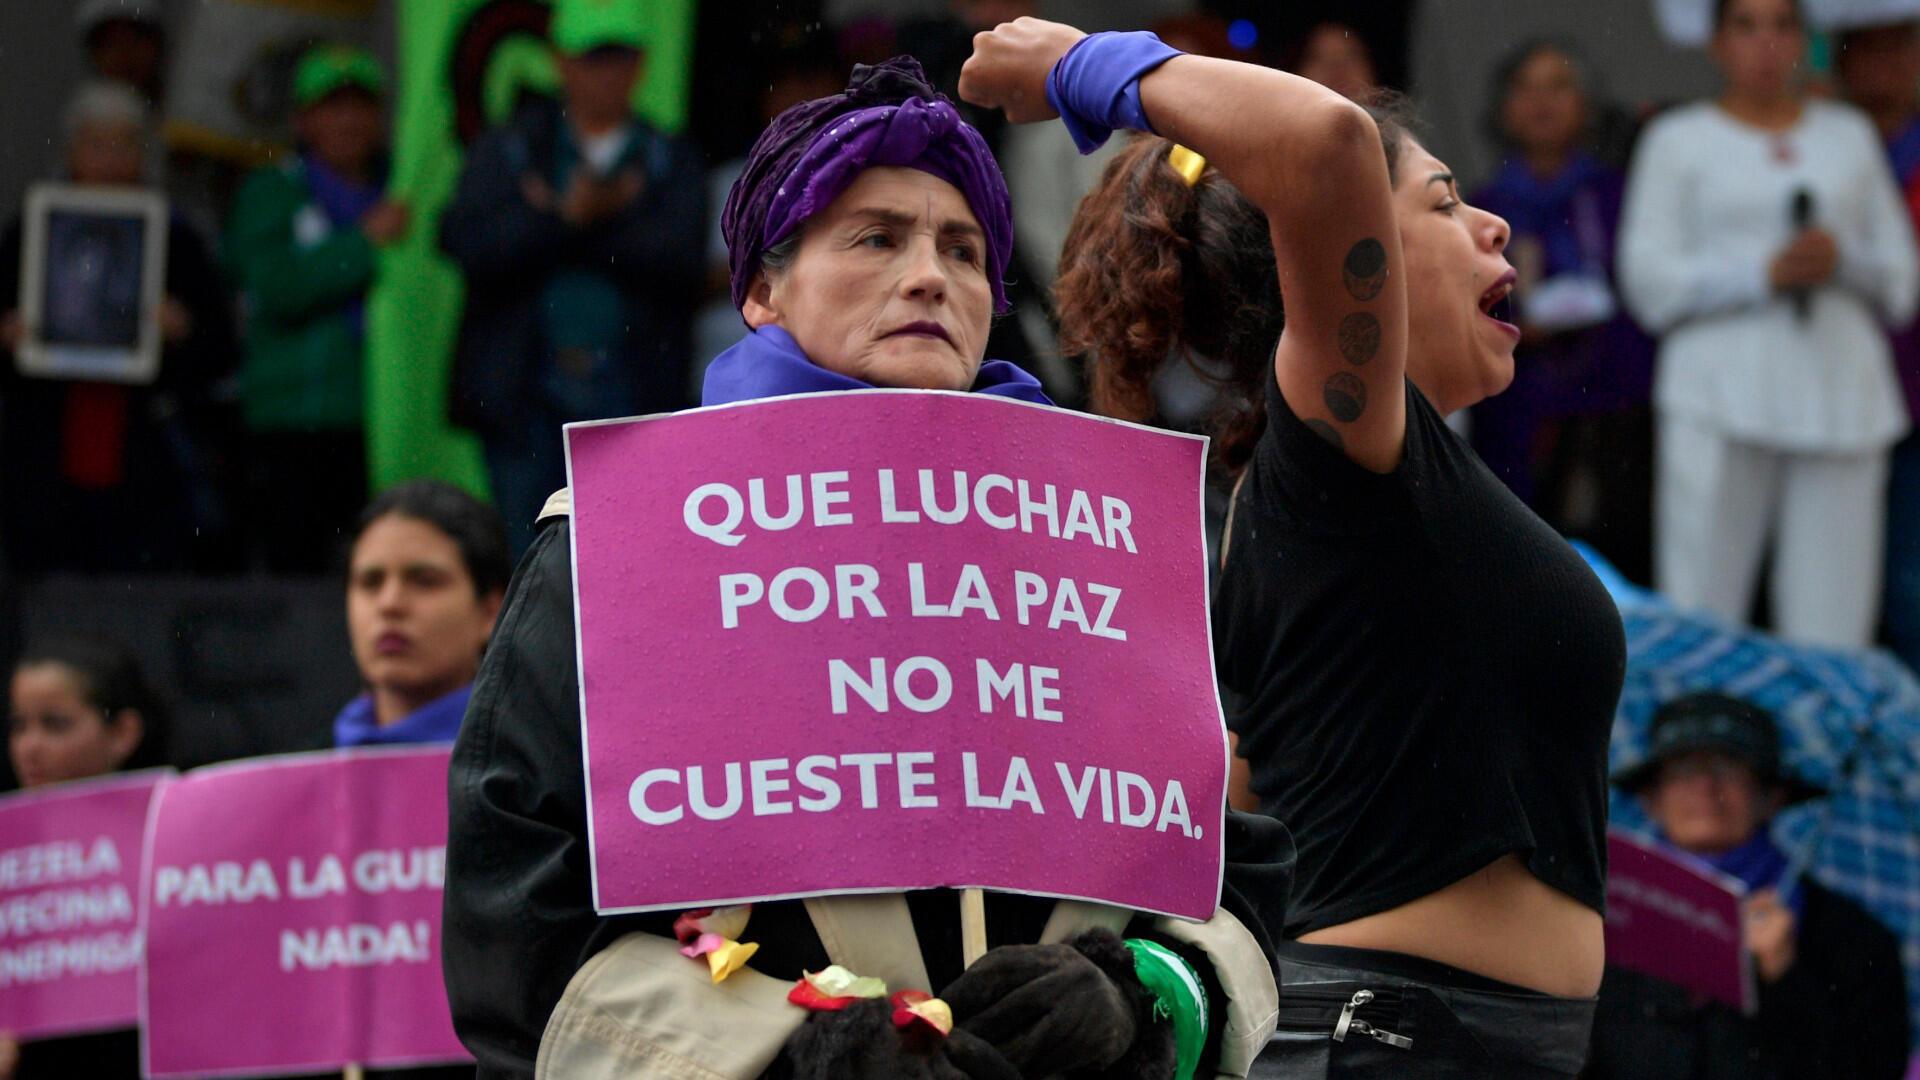 Marcha del 8 de marzo, Bogotá Colombia